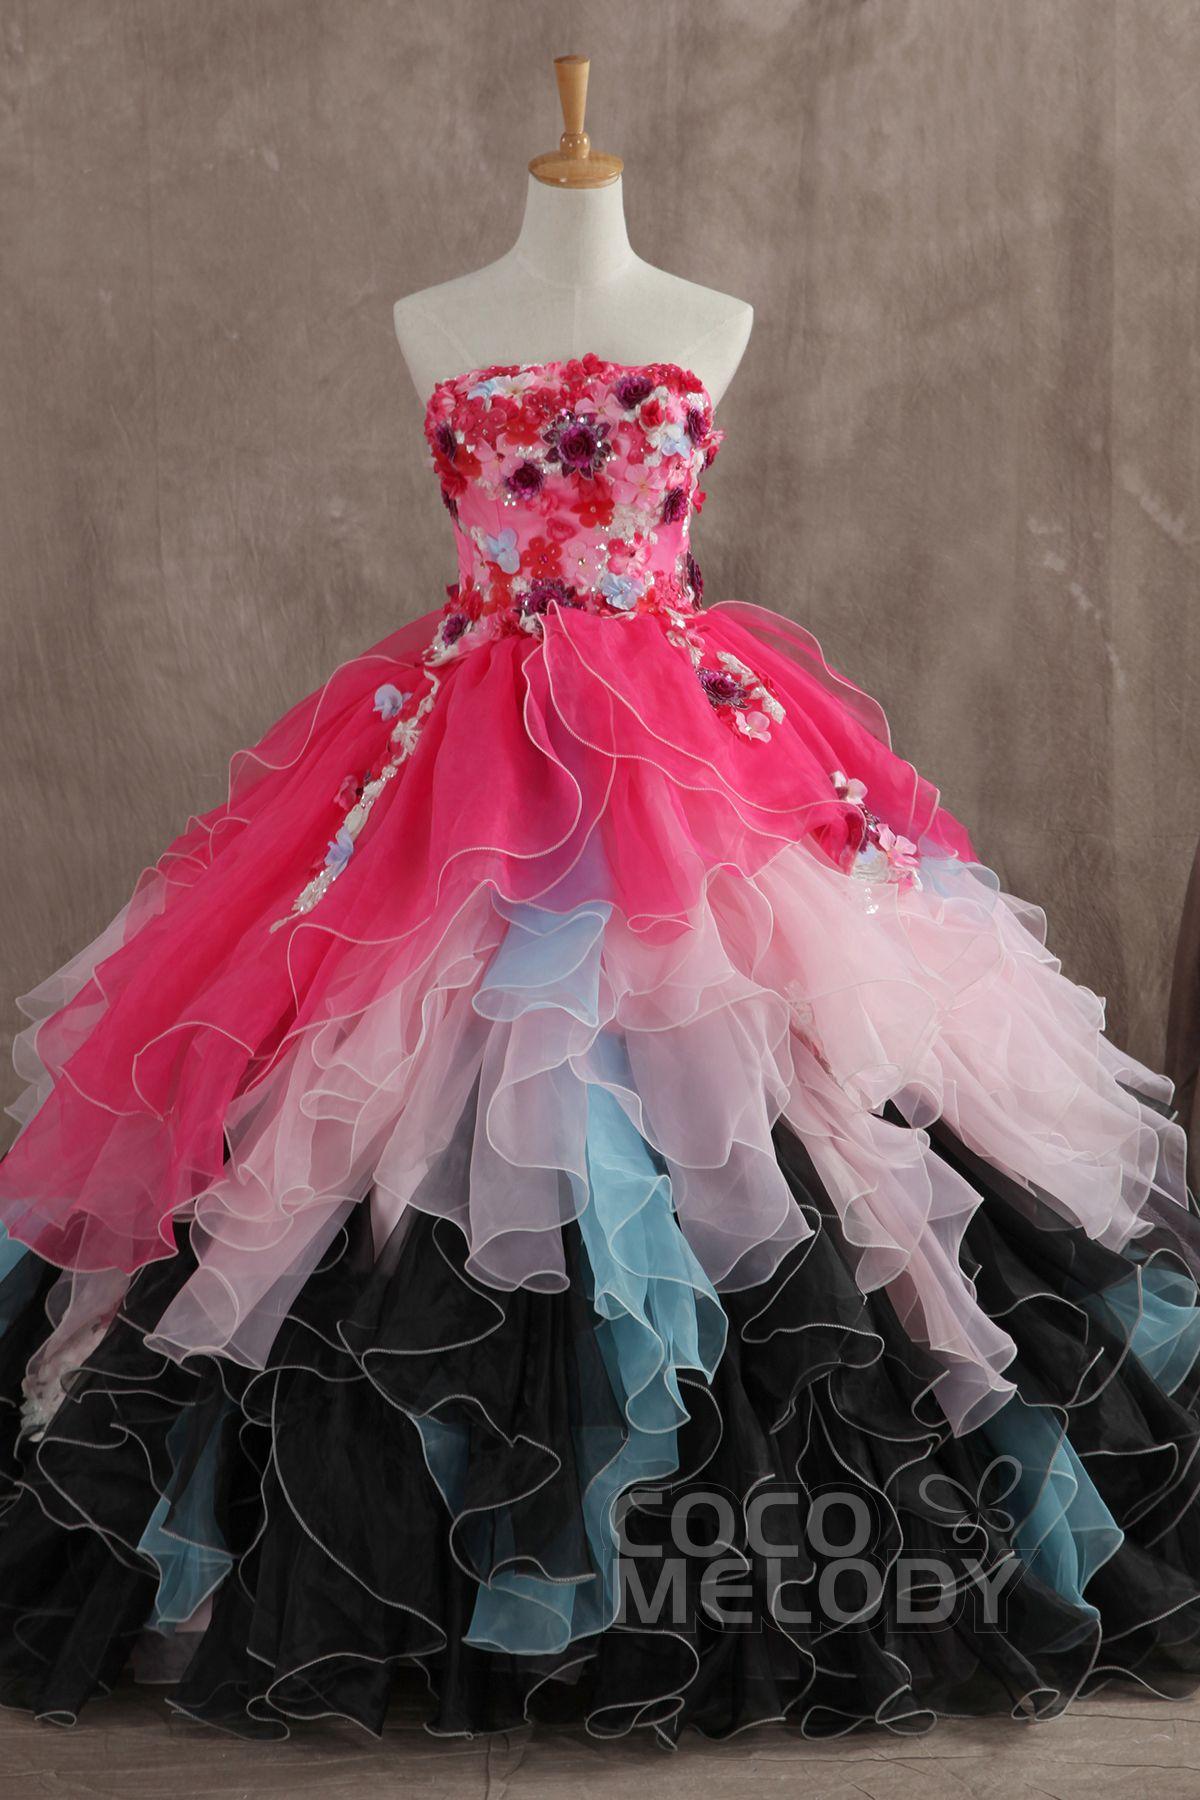 ドラマチック プリンセスライン ビスチェ ナチュラル フロアレングス オーガンジー ピンク スリーブレース シャールング編み上げ式 ウエディングドレス フラワー JUZ014004